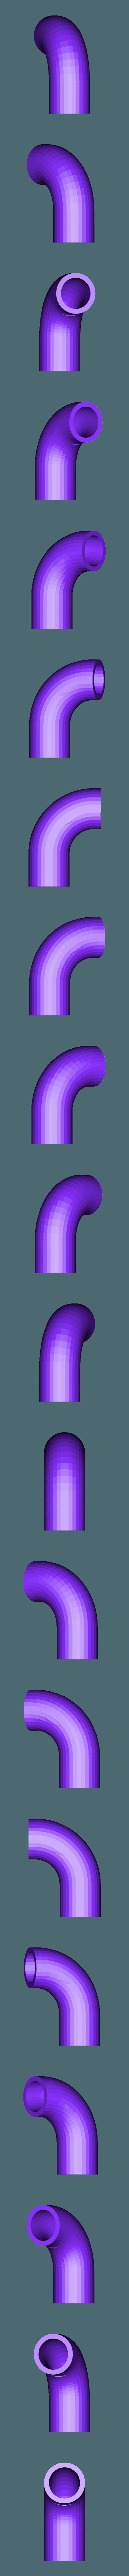 pipe_to_ground.stl Télécharger fichier STL gratuit Sci-fi Réseau de tuyaux modulaire pour les paysages de wargaming • Objet à imprimer en 3D, redstarkits